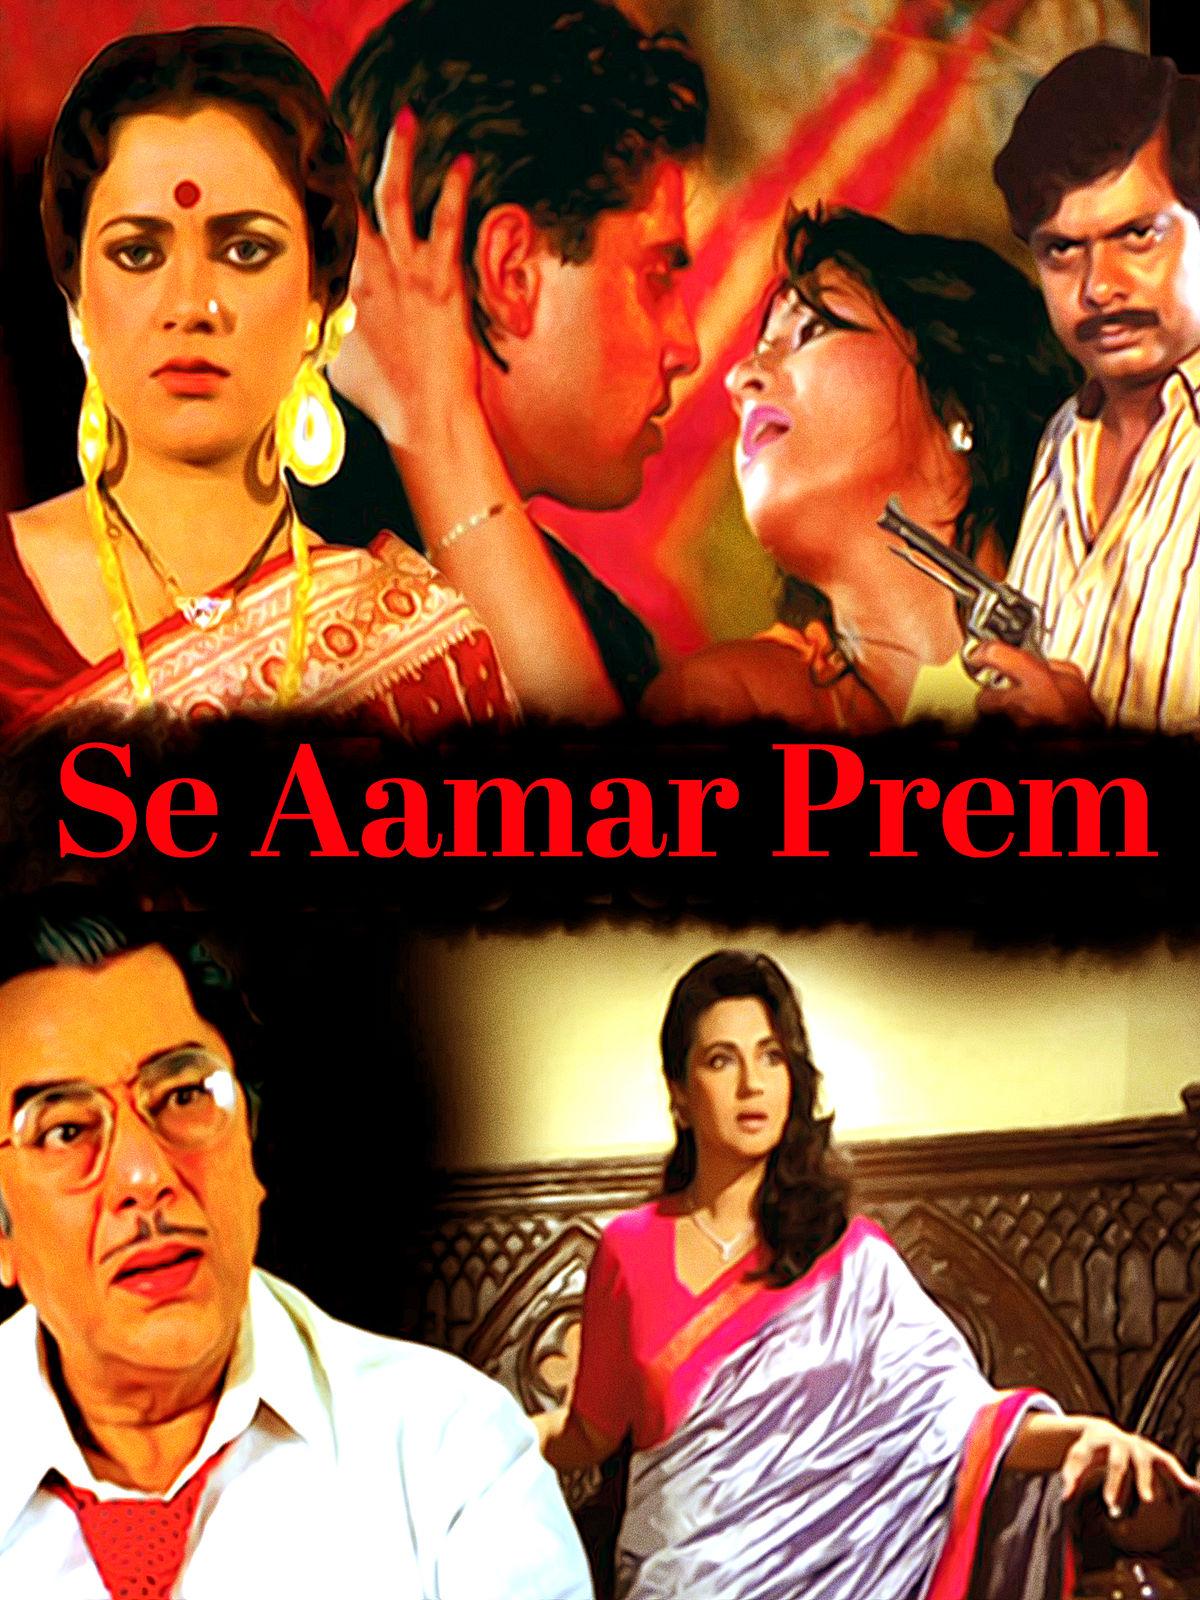 Se Aamar Prem